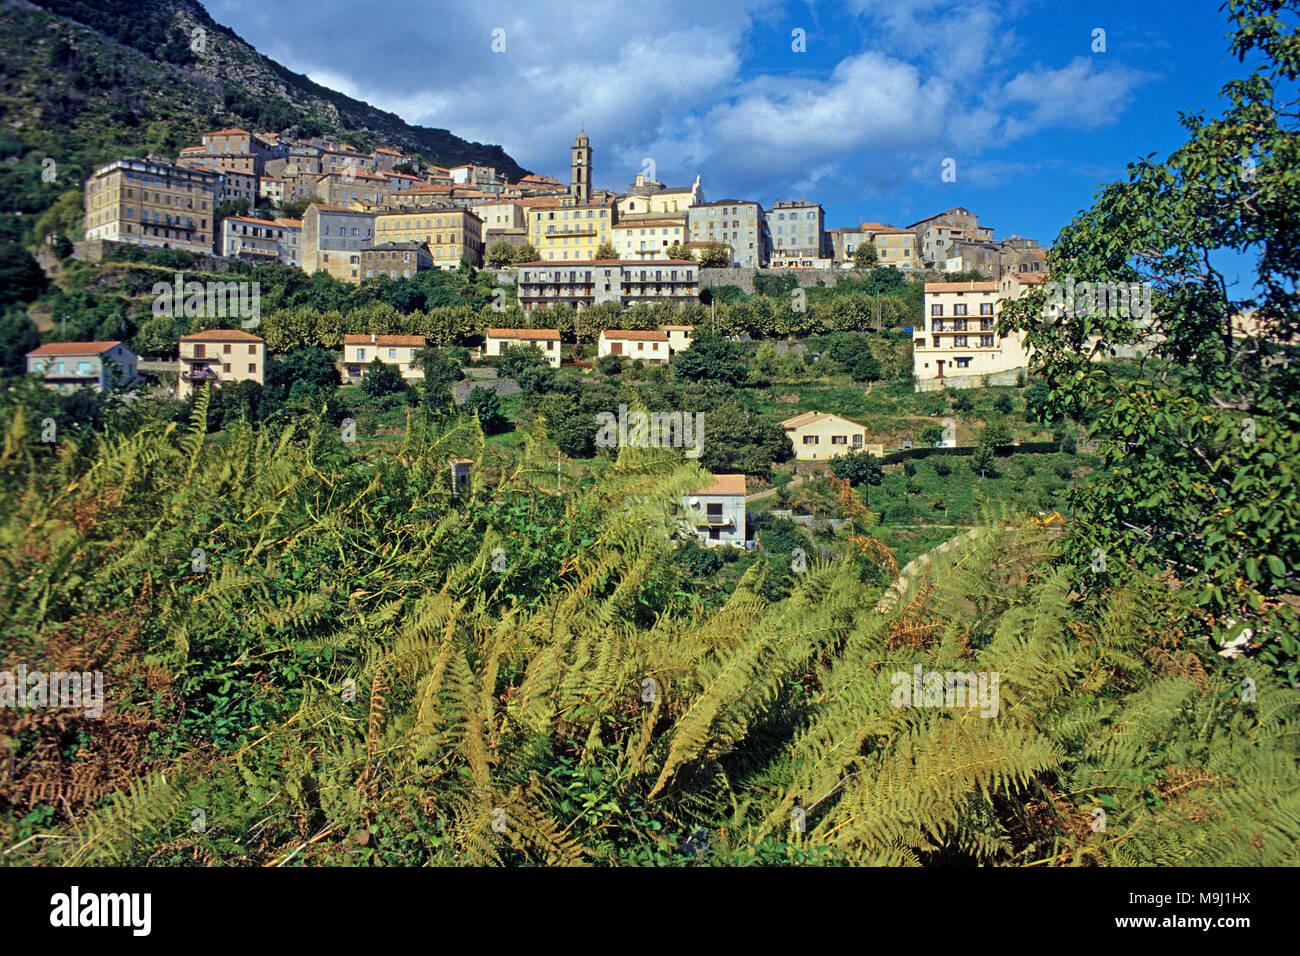 Das malerische Bergdorf Cervione, Korsika, Frankreich, Mittelmeer, Europa Stockbild